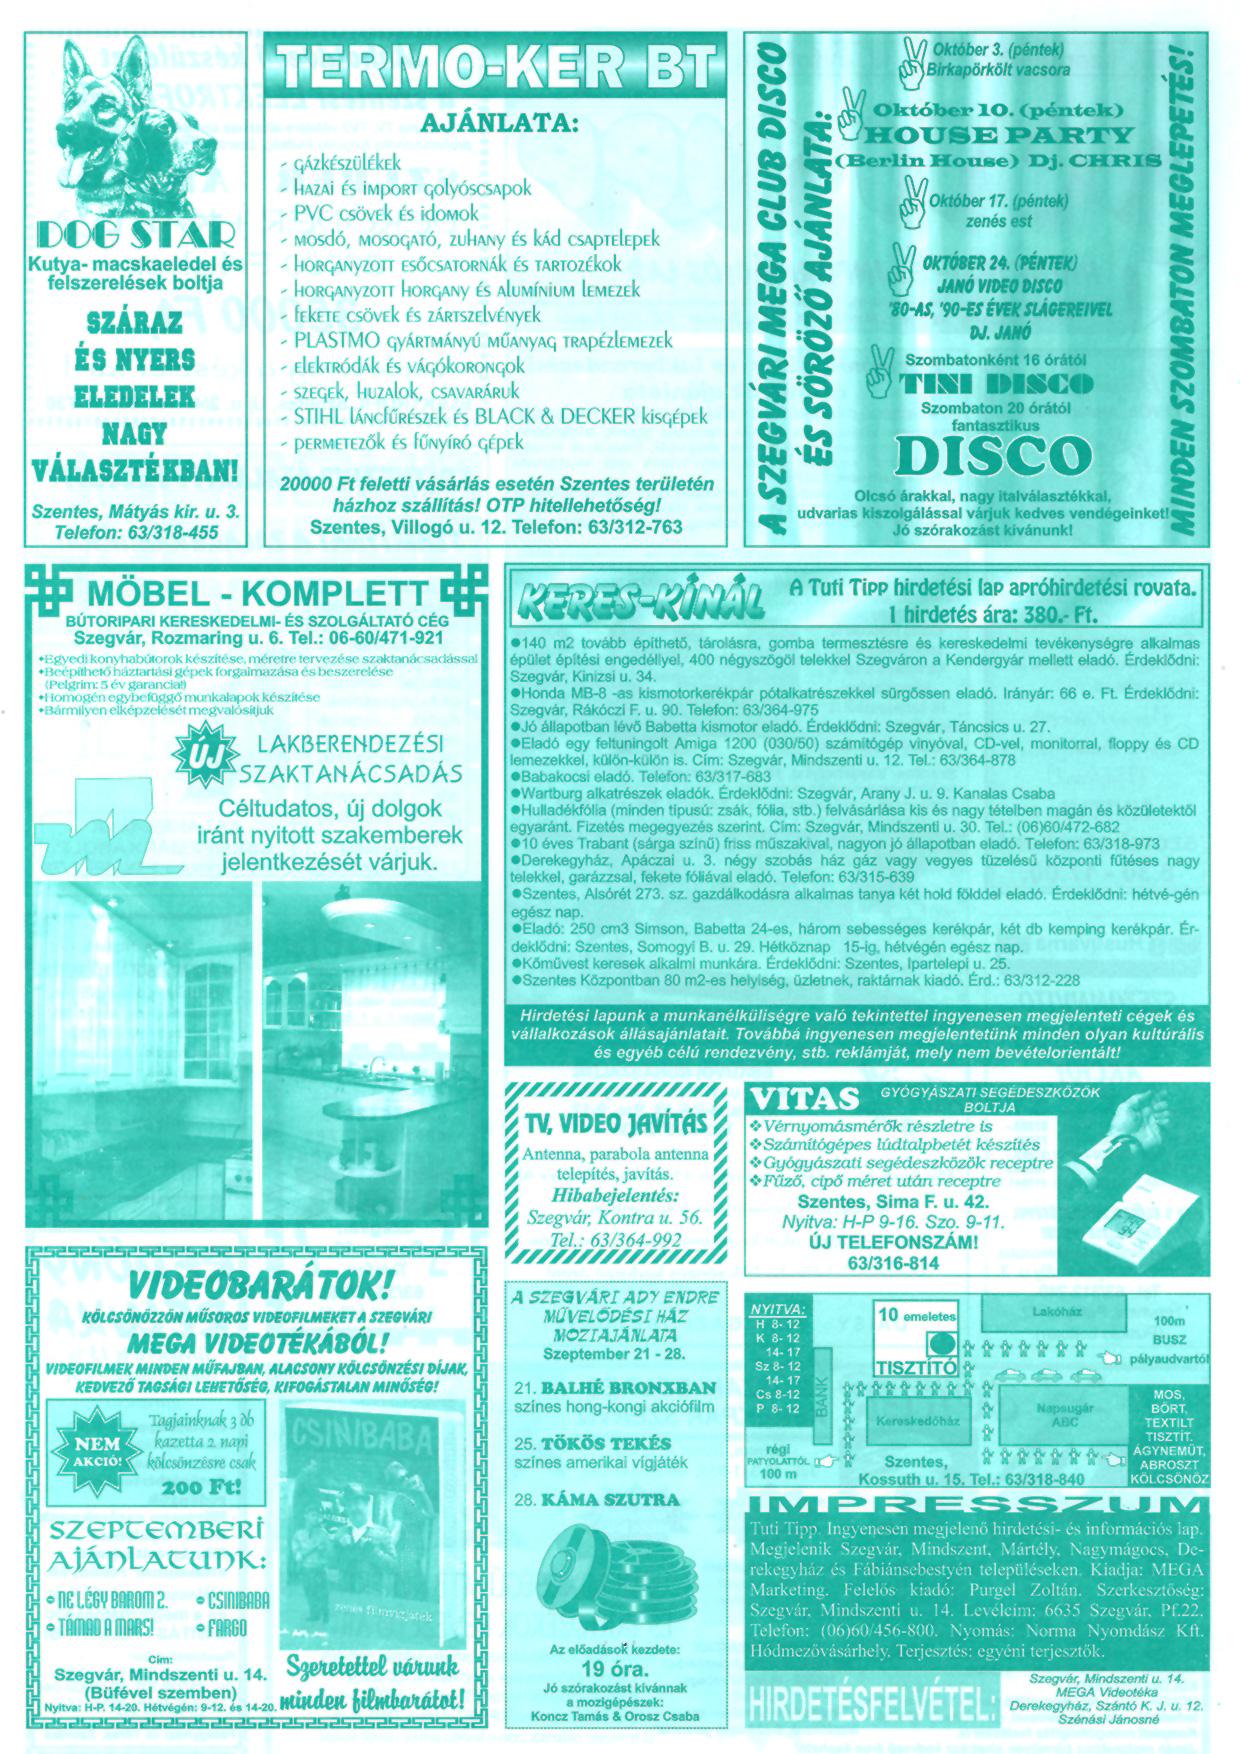 036 Tuti Tipp reklámújság - 19970920-070. lapszám - 2.oldal - III. évfolyam.jpg